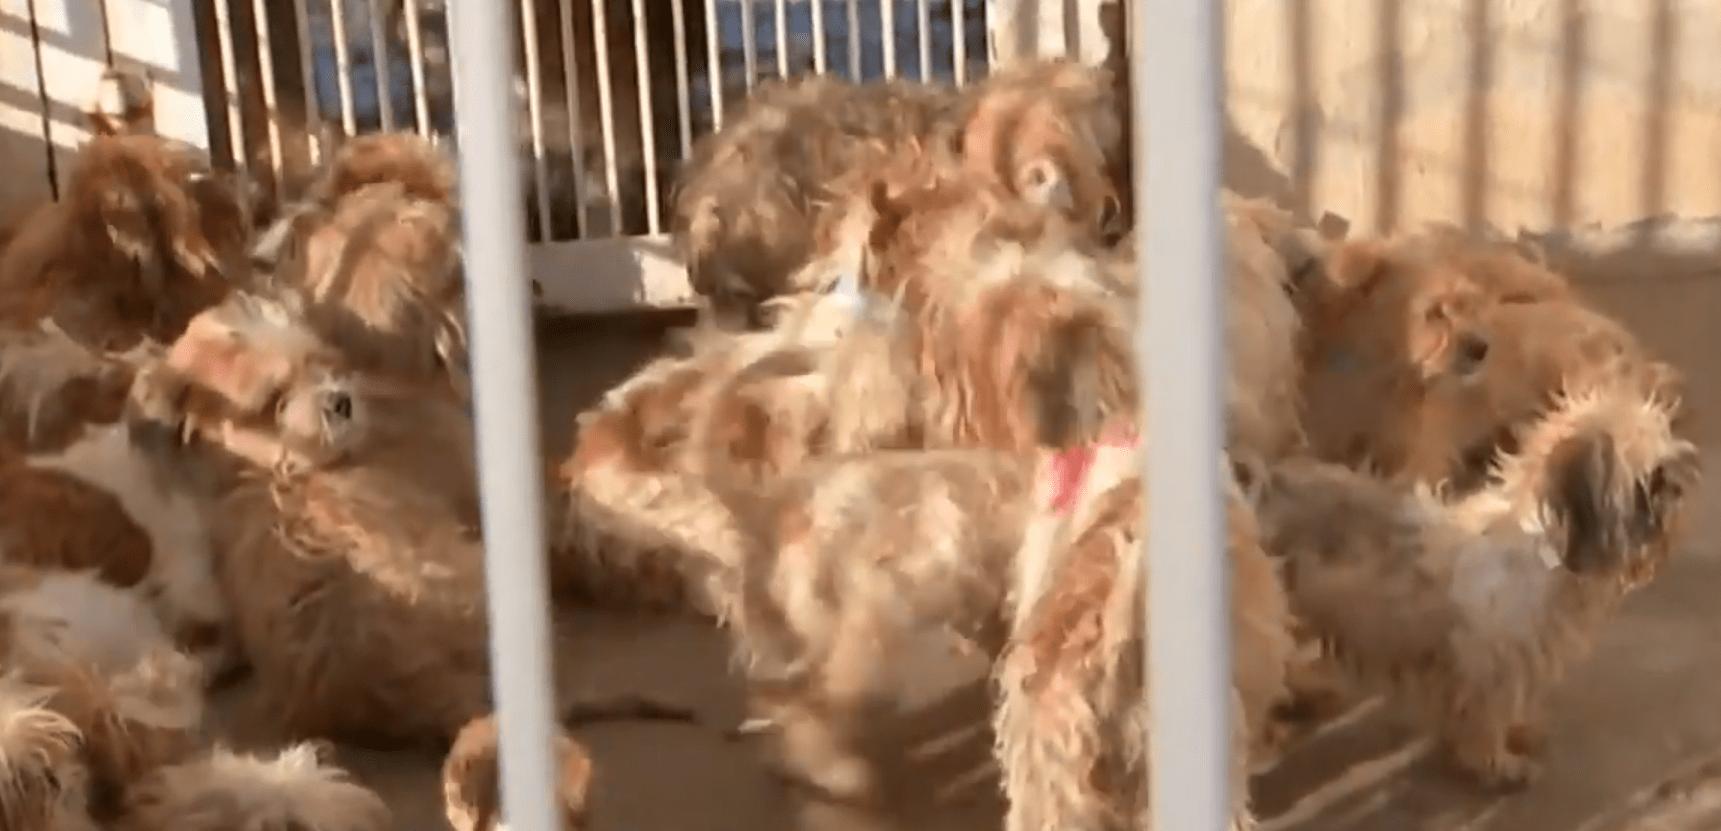 Cãezinhos foram encontrados em gavetas de canil clandestino após denúncia